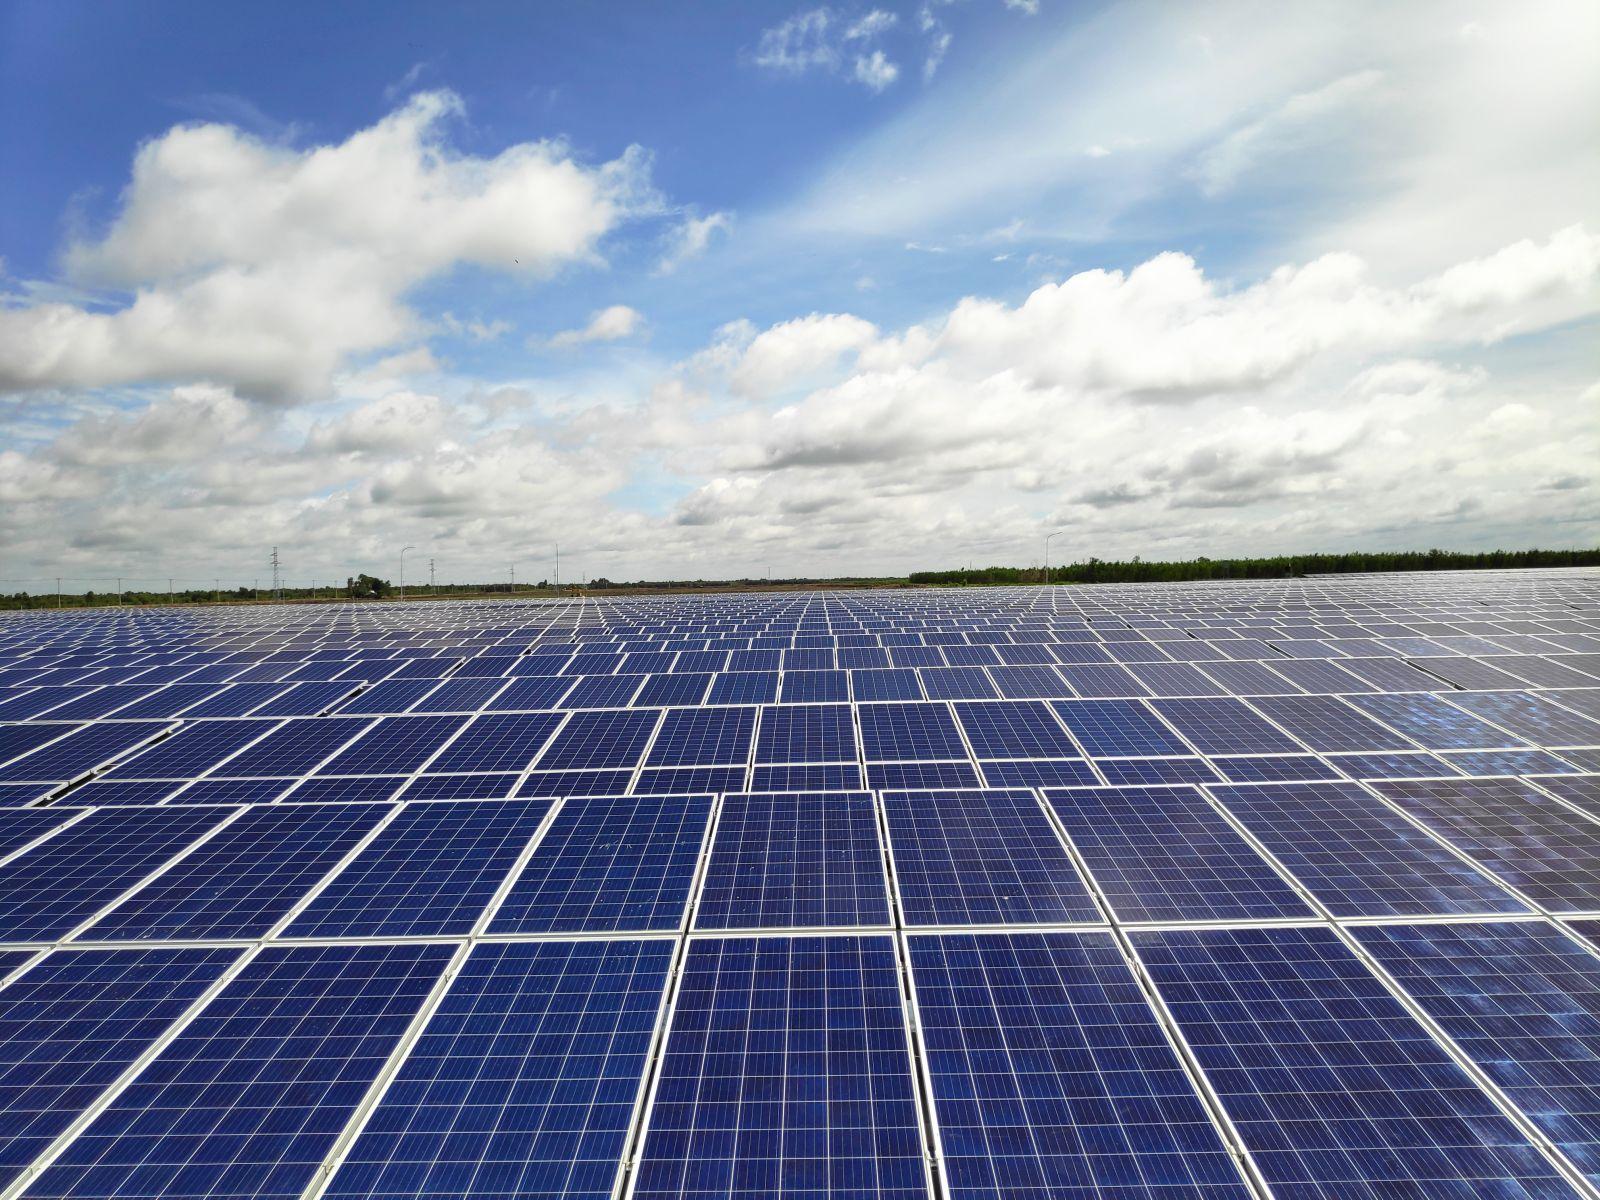 Nhà máy năng lượng mặt trời BCG - CME Long An 1 phát điện thương mại